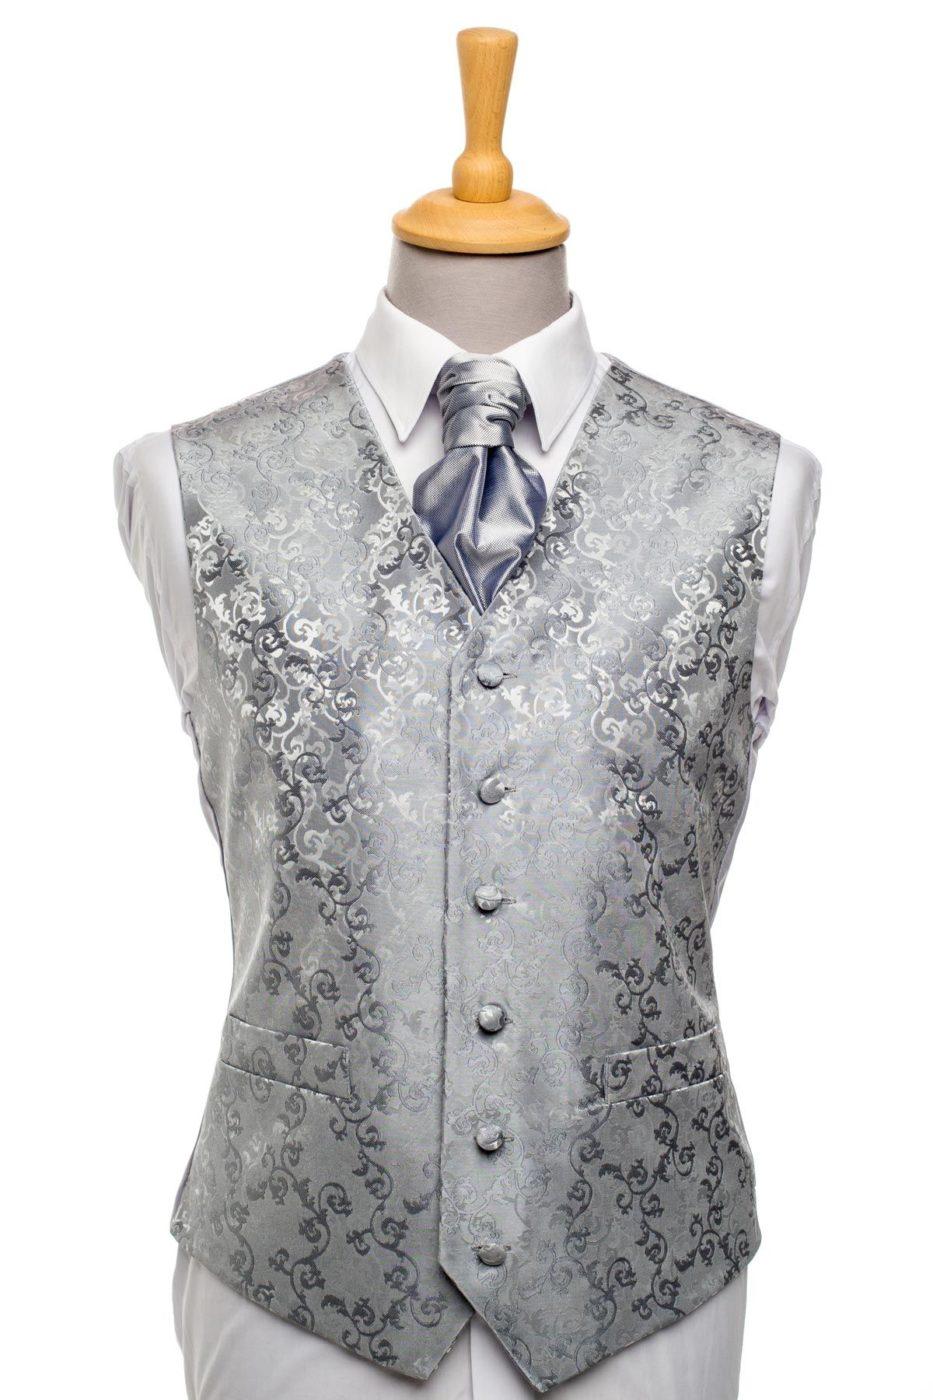 Silver Swirl Waistcoat